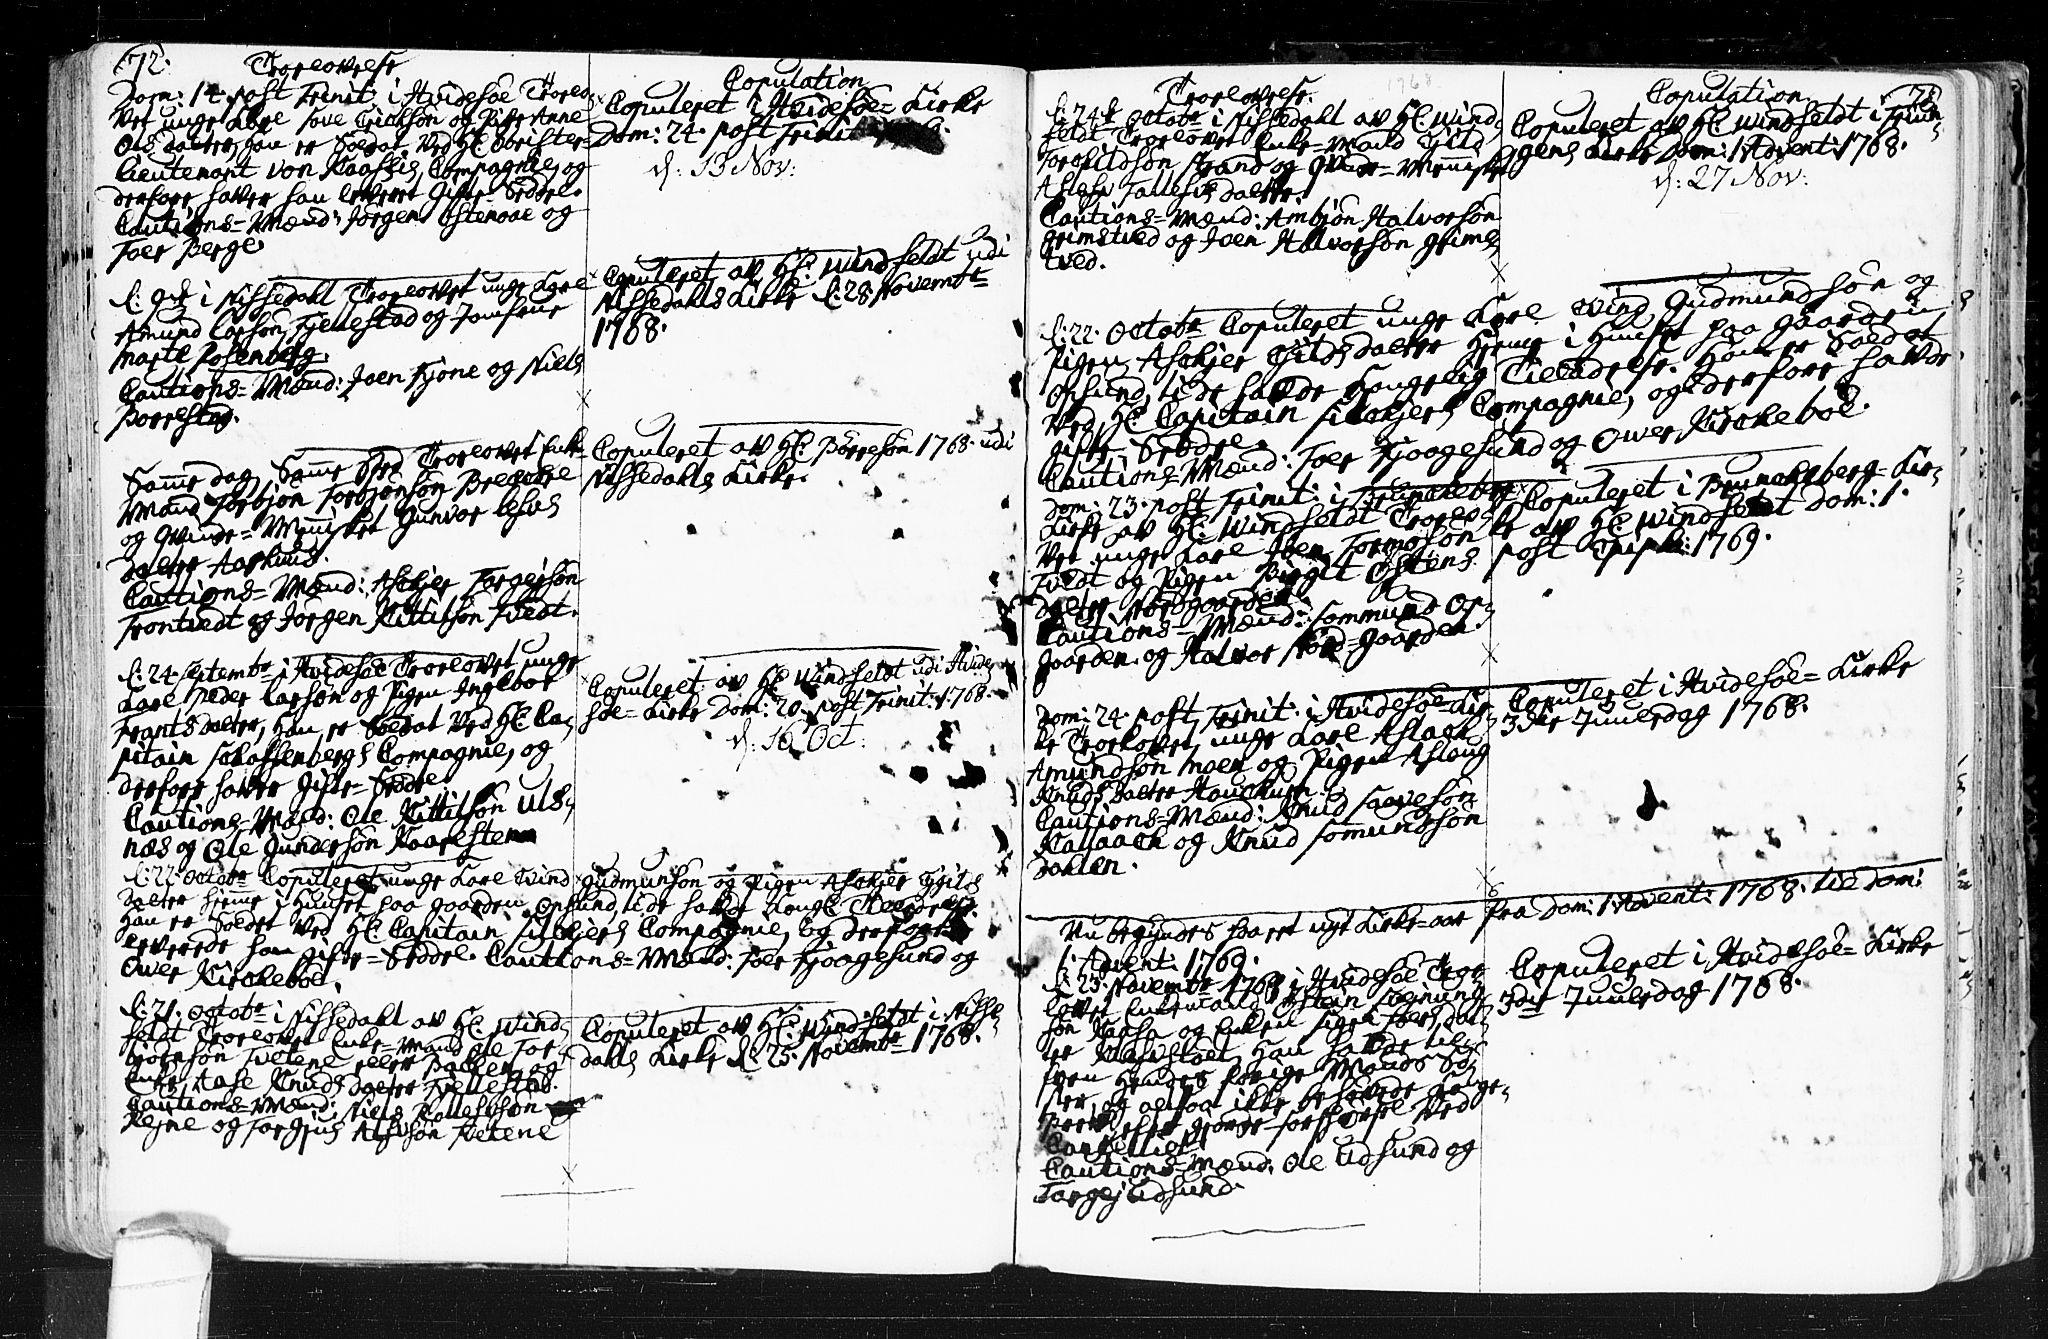 SAKO, Kviteseid kirkebøker, F/Fa/L0001: Ministerialbok nr. I 1, 1754-1773, s. 72-73